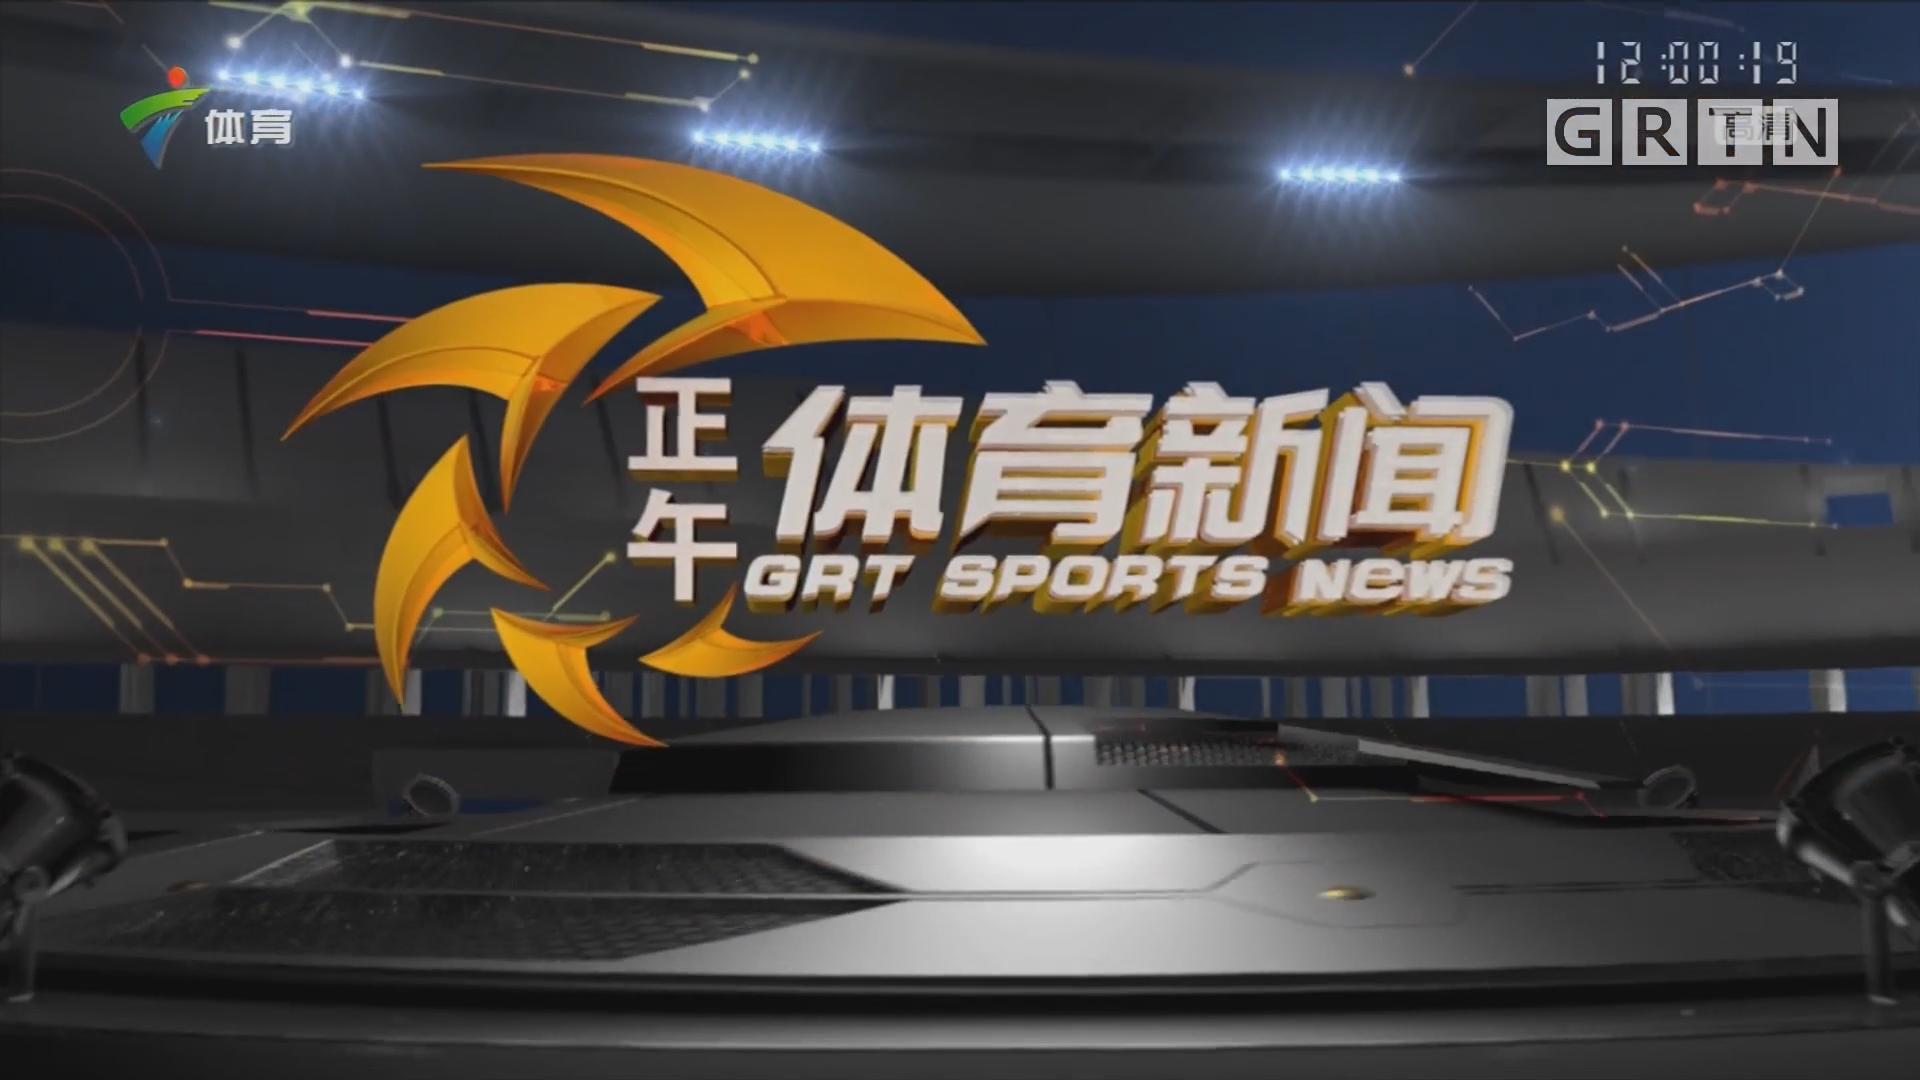 [HD][2018-07-30]正午体育新闻:中超 VAR抢戏 广州恒大主场收获联赛两连胜